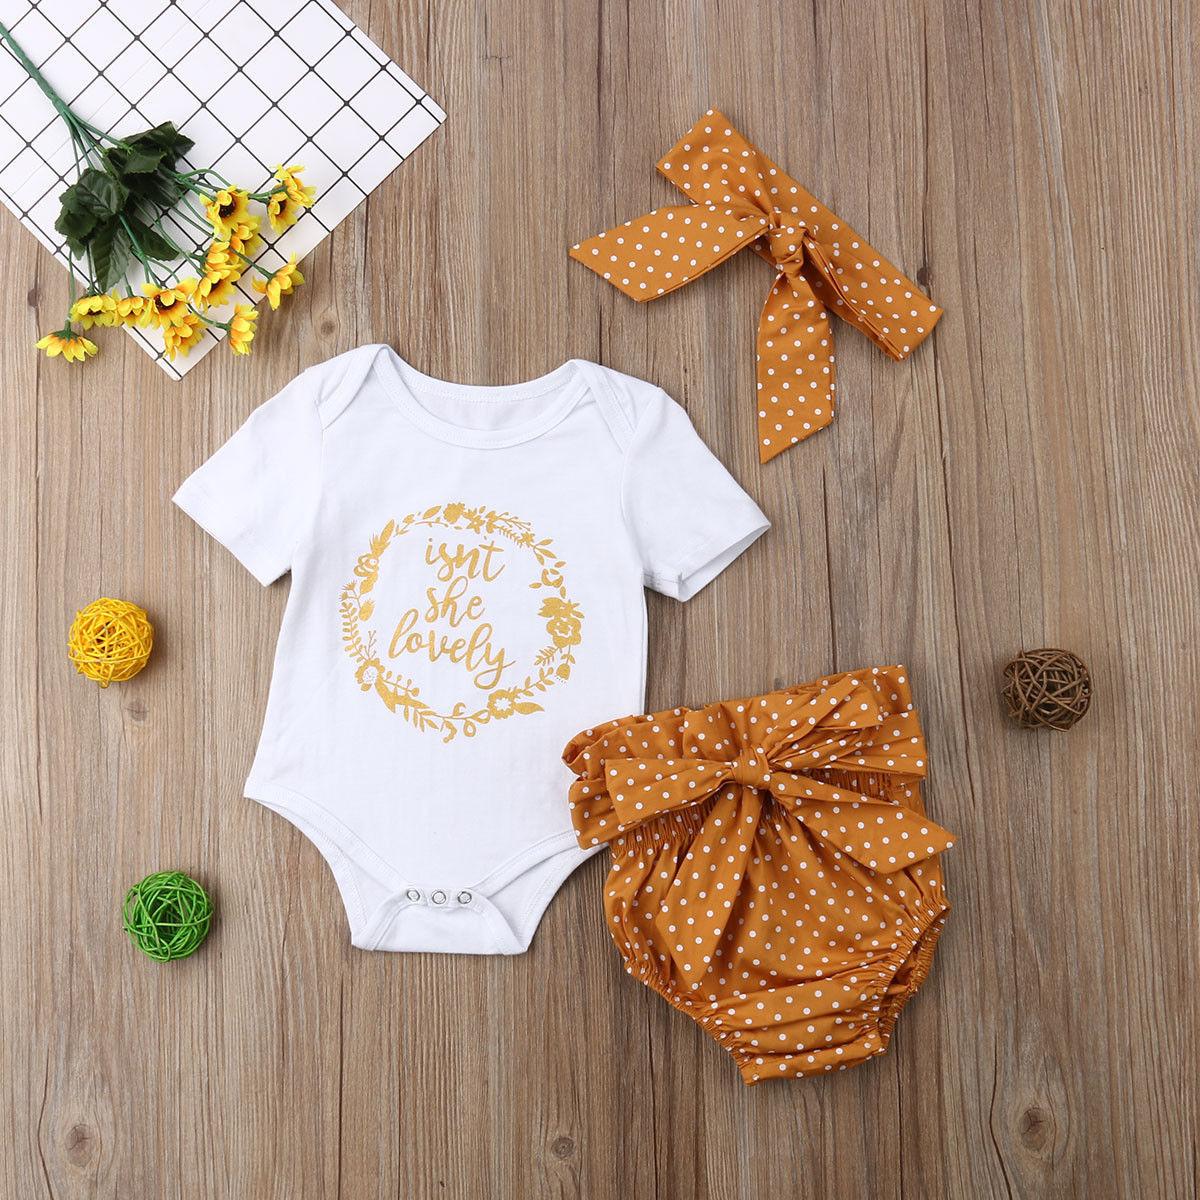 3Pcs Newborn Baby Girls Outfit Clothes Tops  Jumpsuit Bodysuit+Pants Set